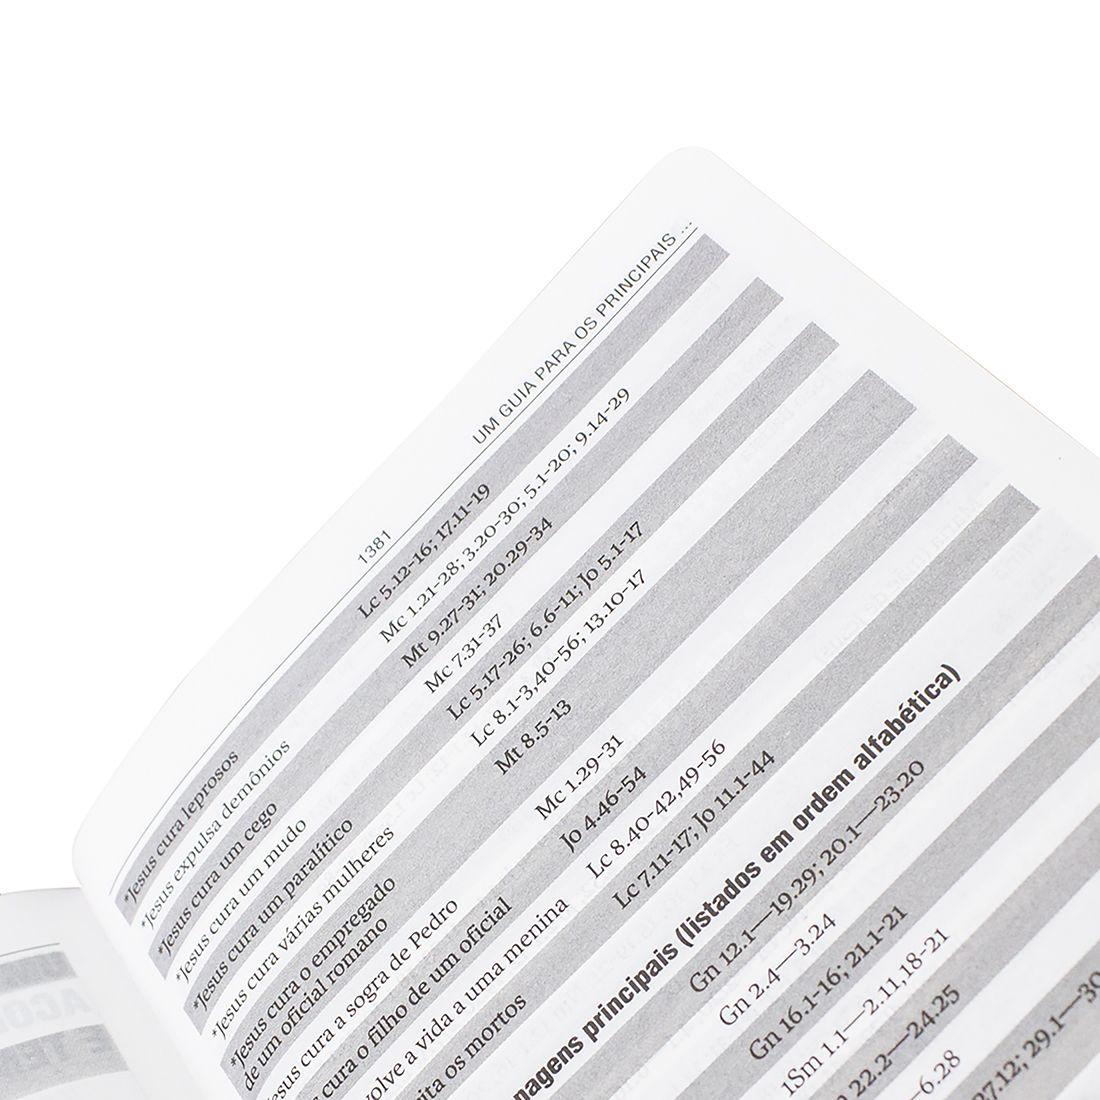 Bíblia Sagrada - Capa Dura Personalizada Florescer - Tamanho Grande - Capa Dura - Linguagem Simples do Entendimento da Palavra do Senhor - NAA